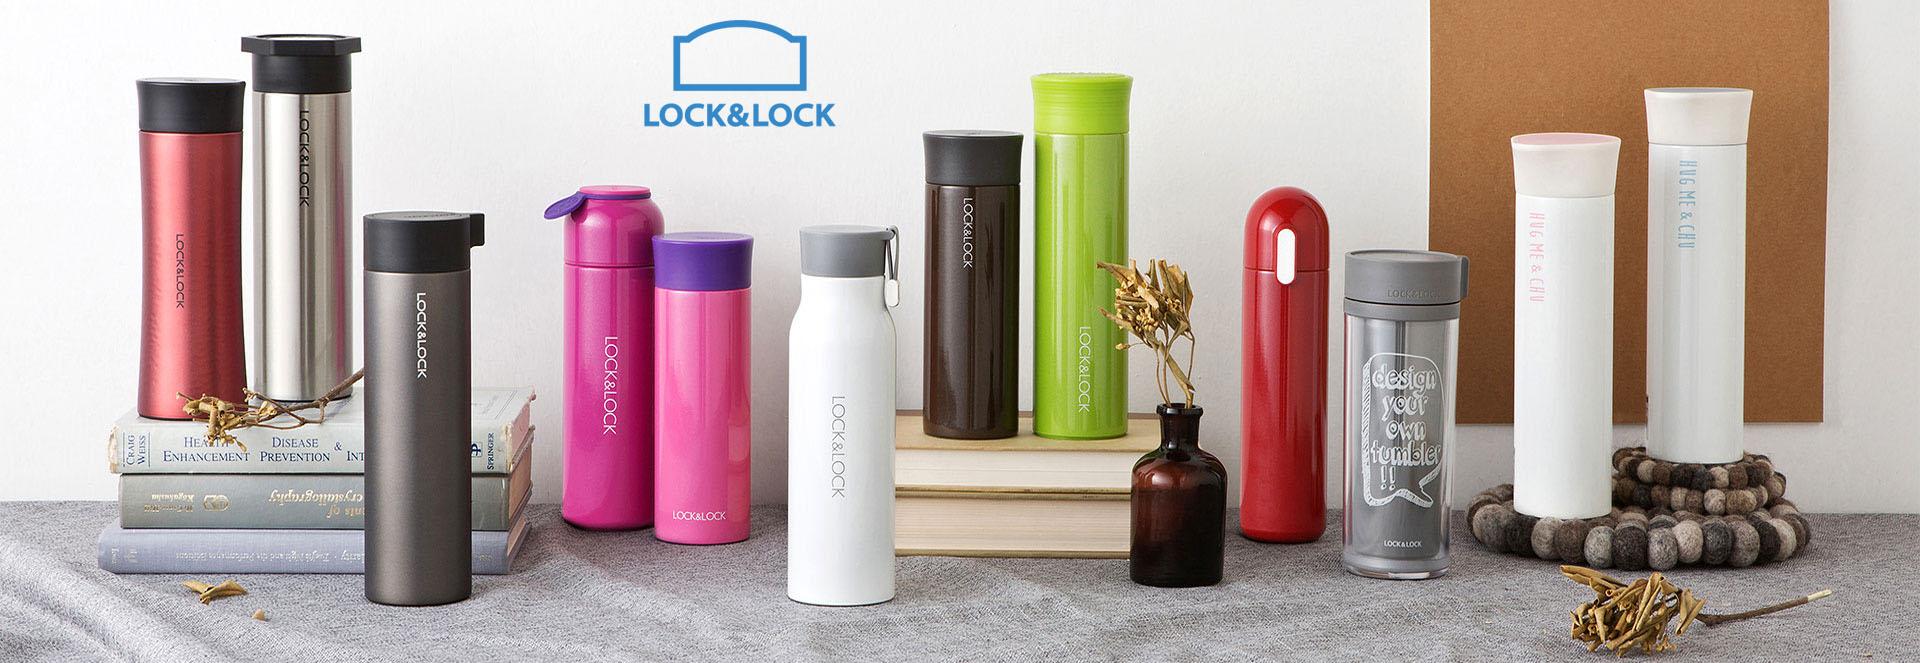 Bình giữ nhiệt Lock&lock